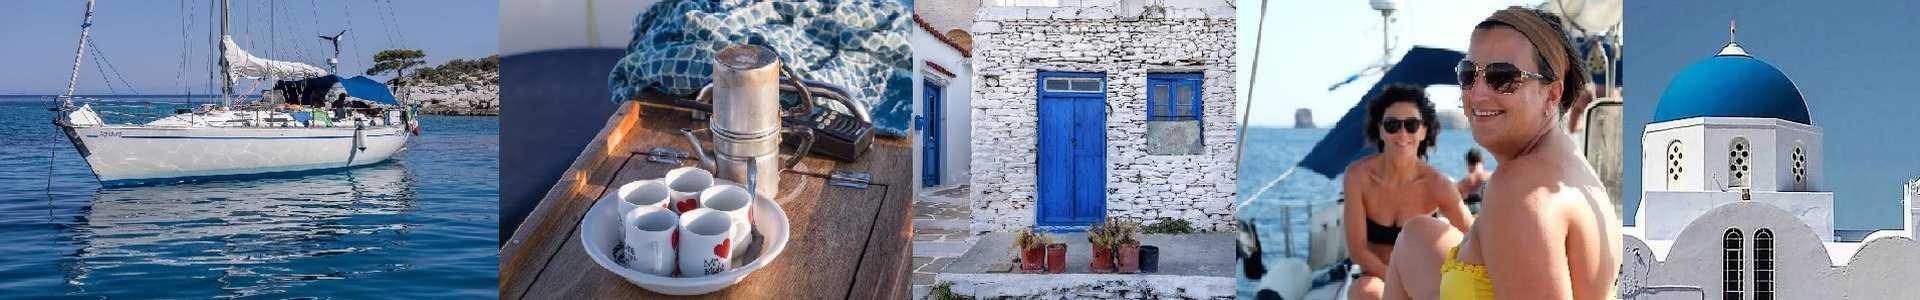 petc Vacanze in barca a vela in Grecia, Cicladi, Dodecanneso